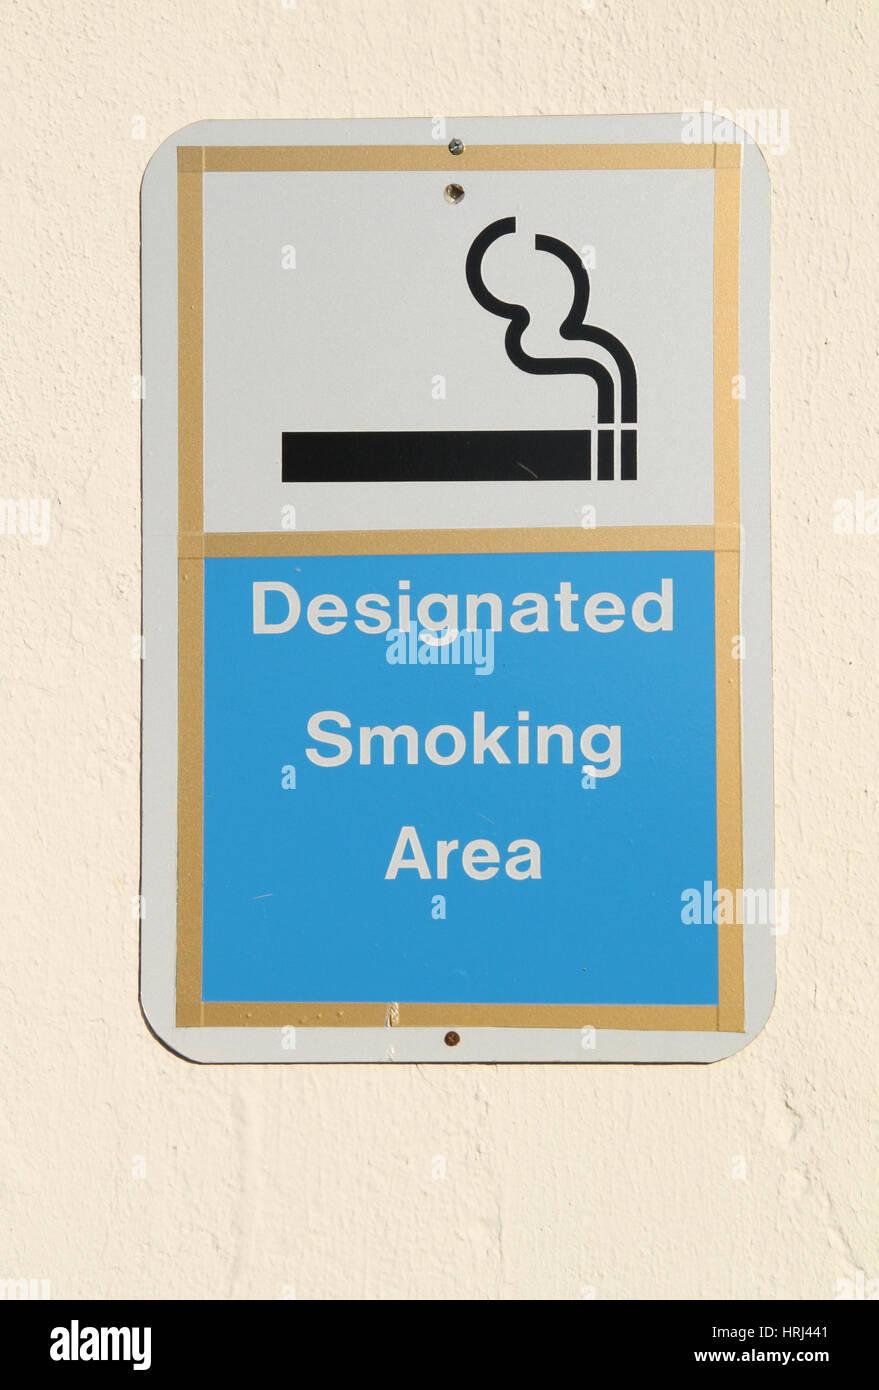 Designated Smoking Area - Stock Image